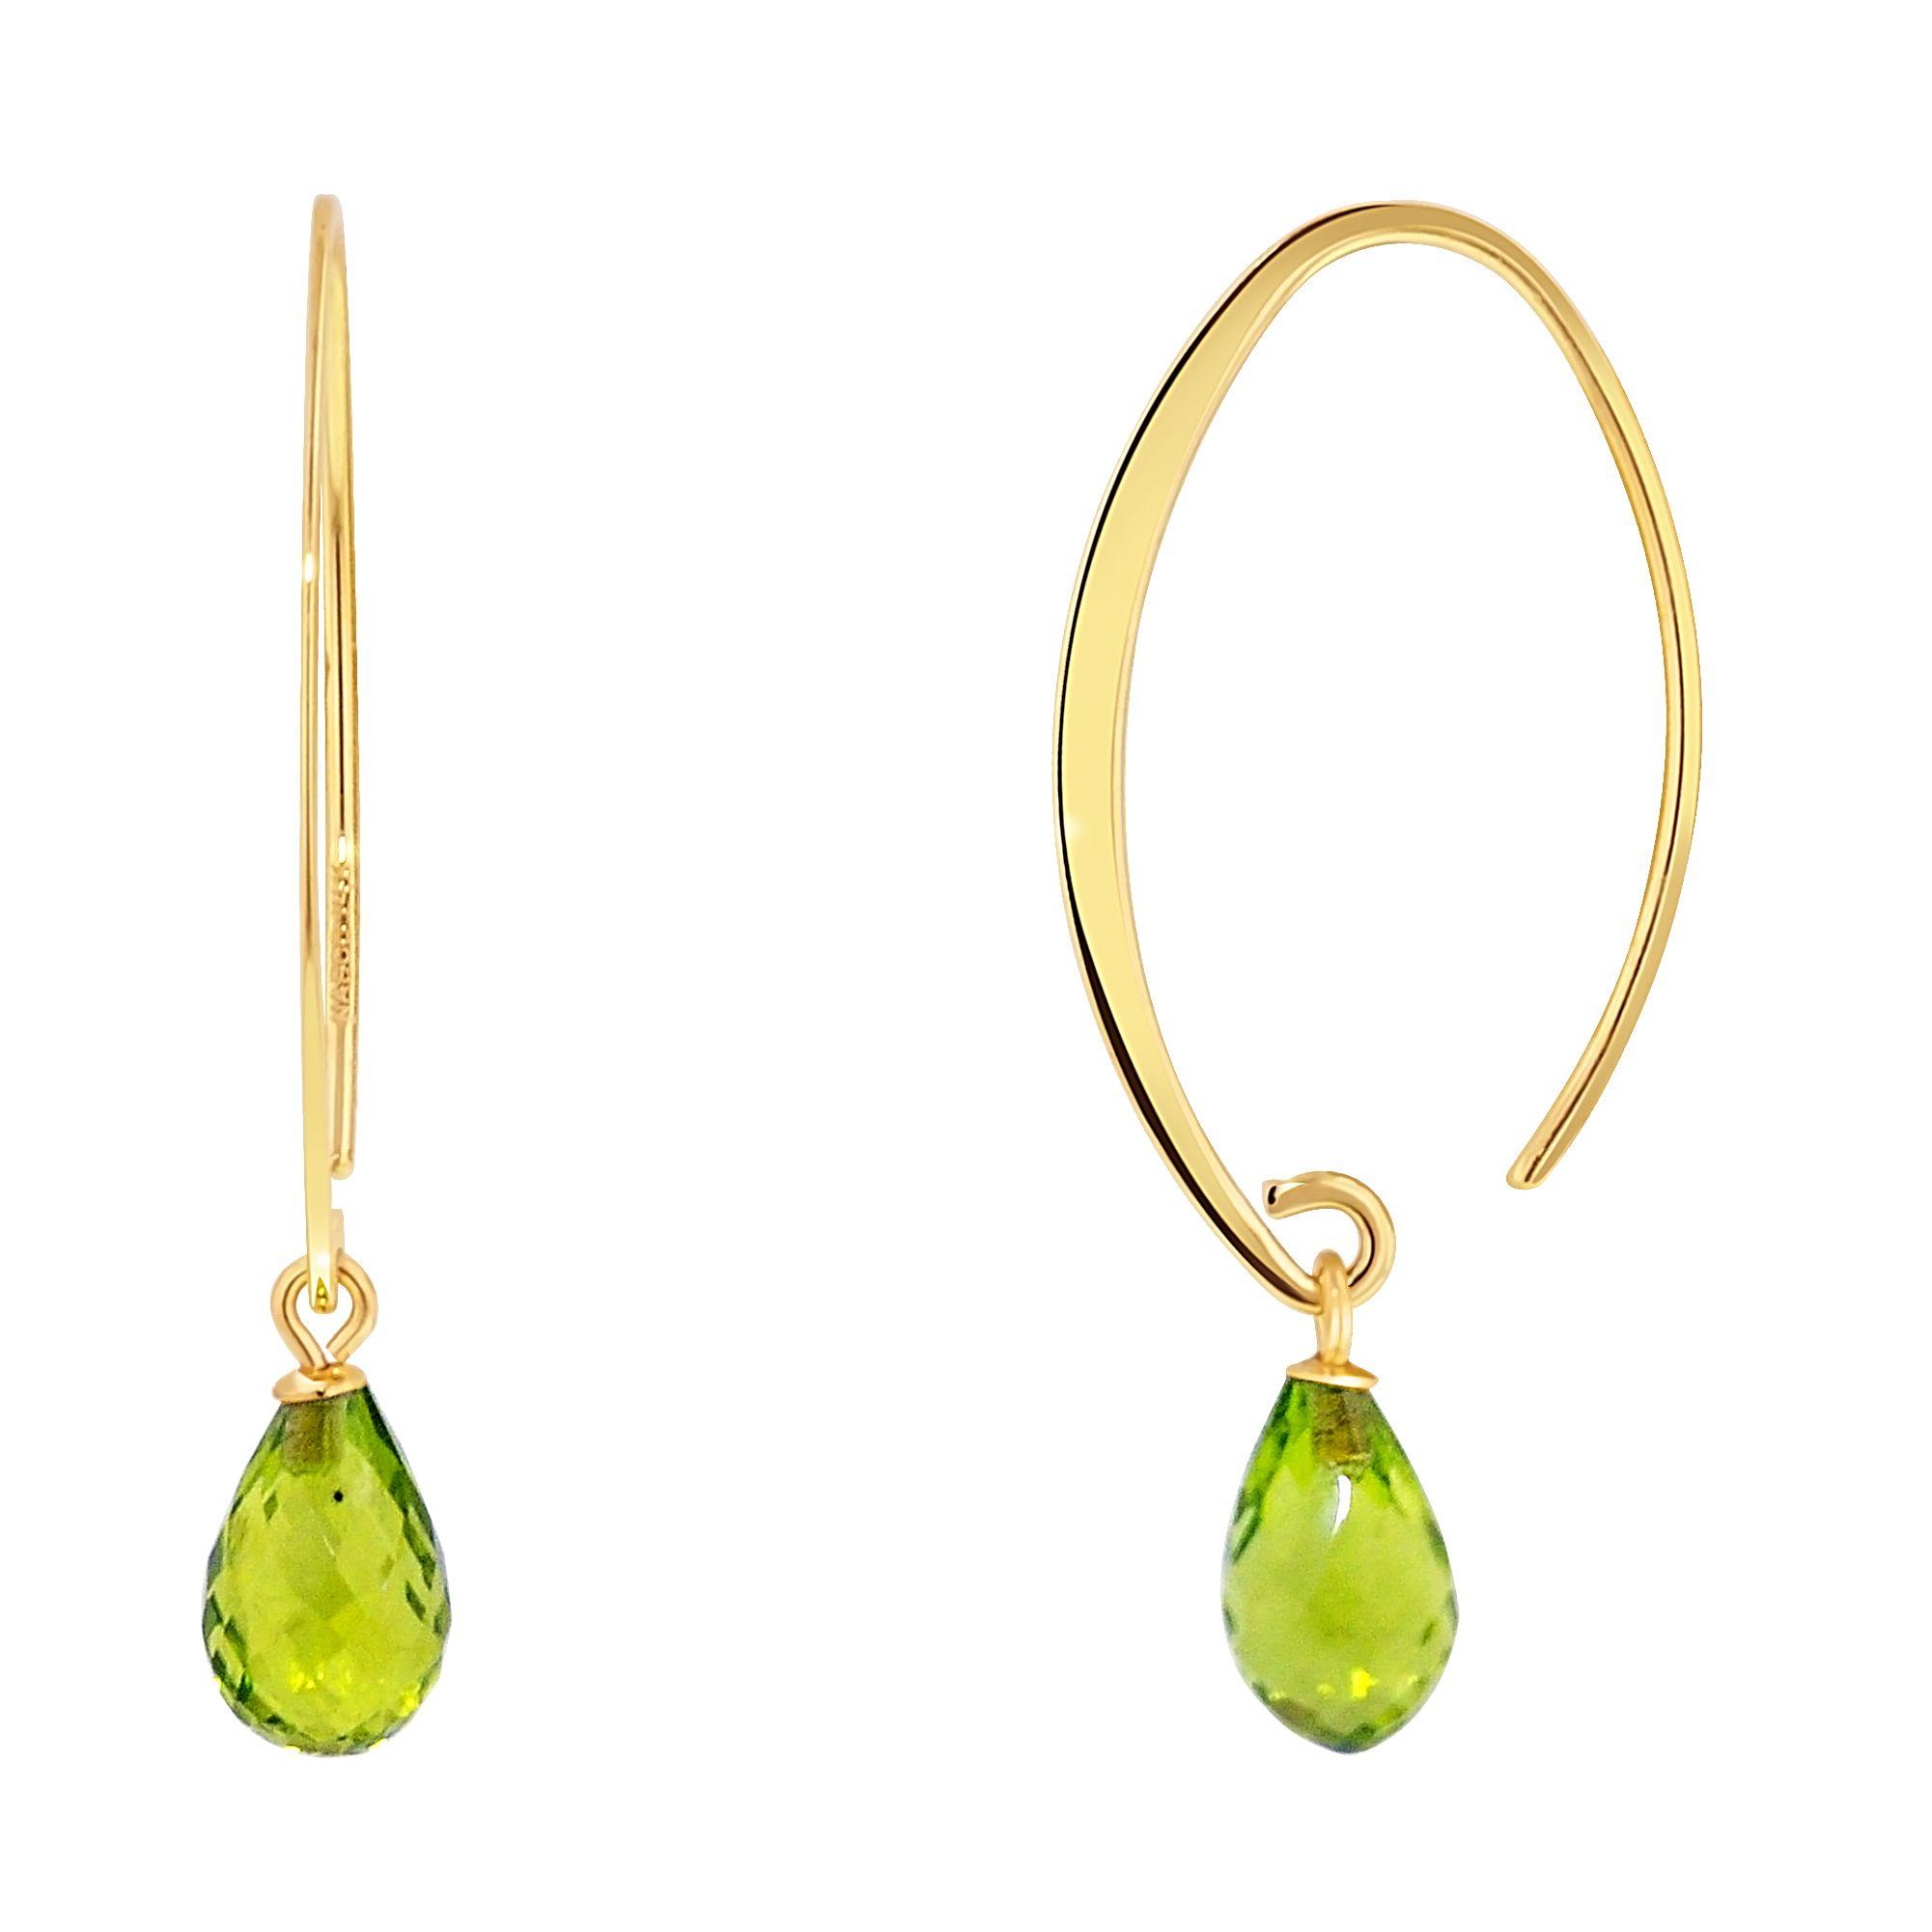 Nancy B Simple Sweep Peridot Dangle Earrings in 14kt Yellow Gold